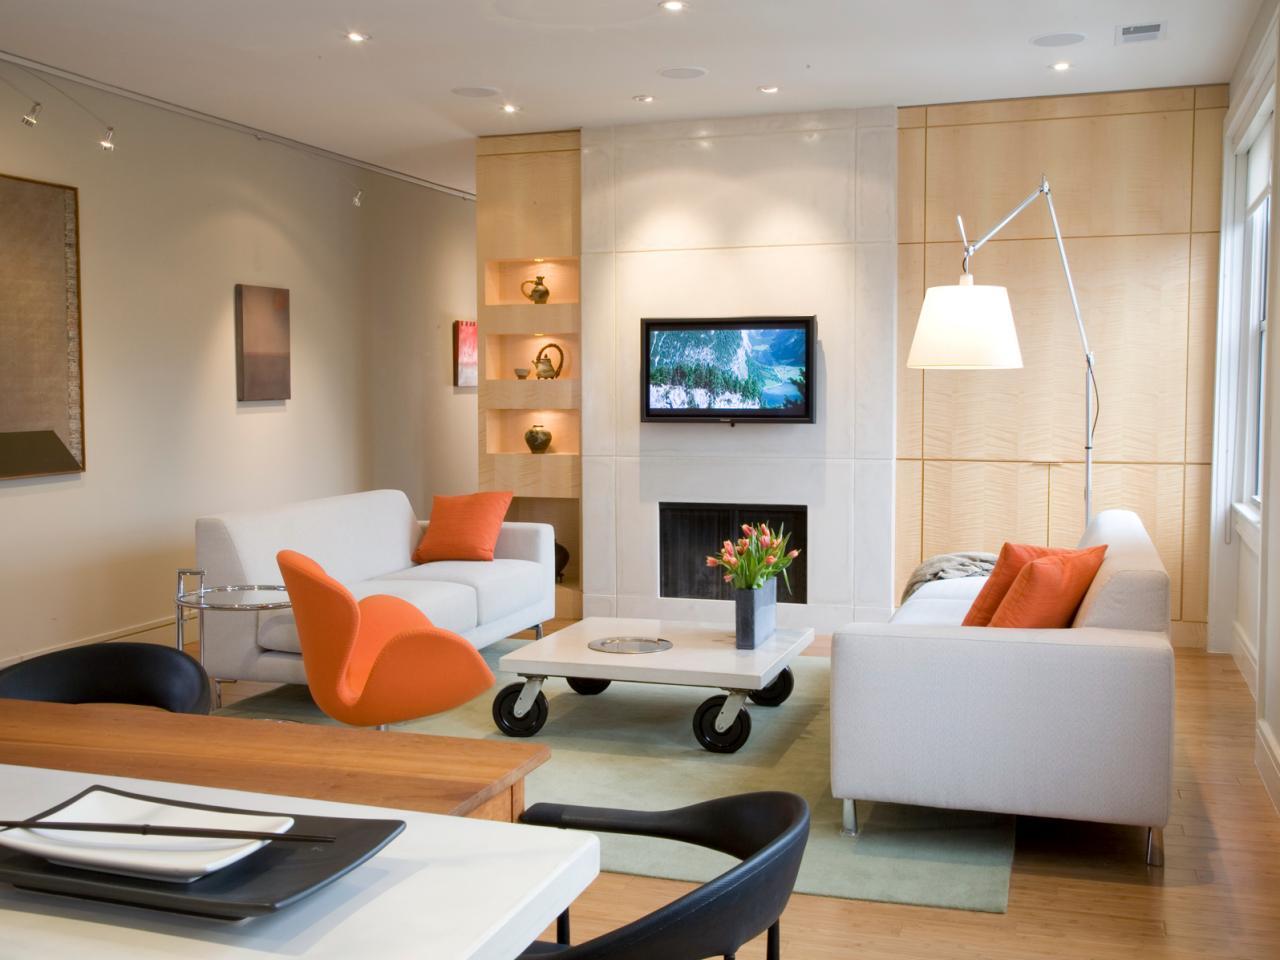 small modern living room design ideas | tolet insider